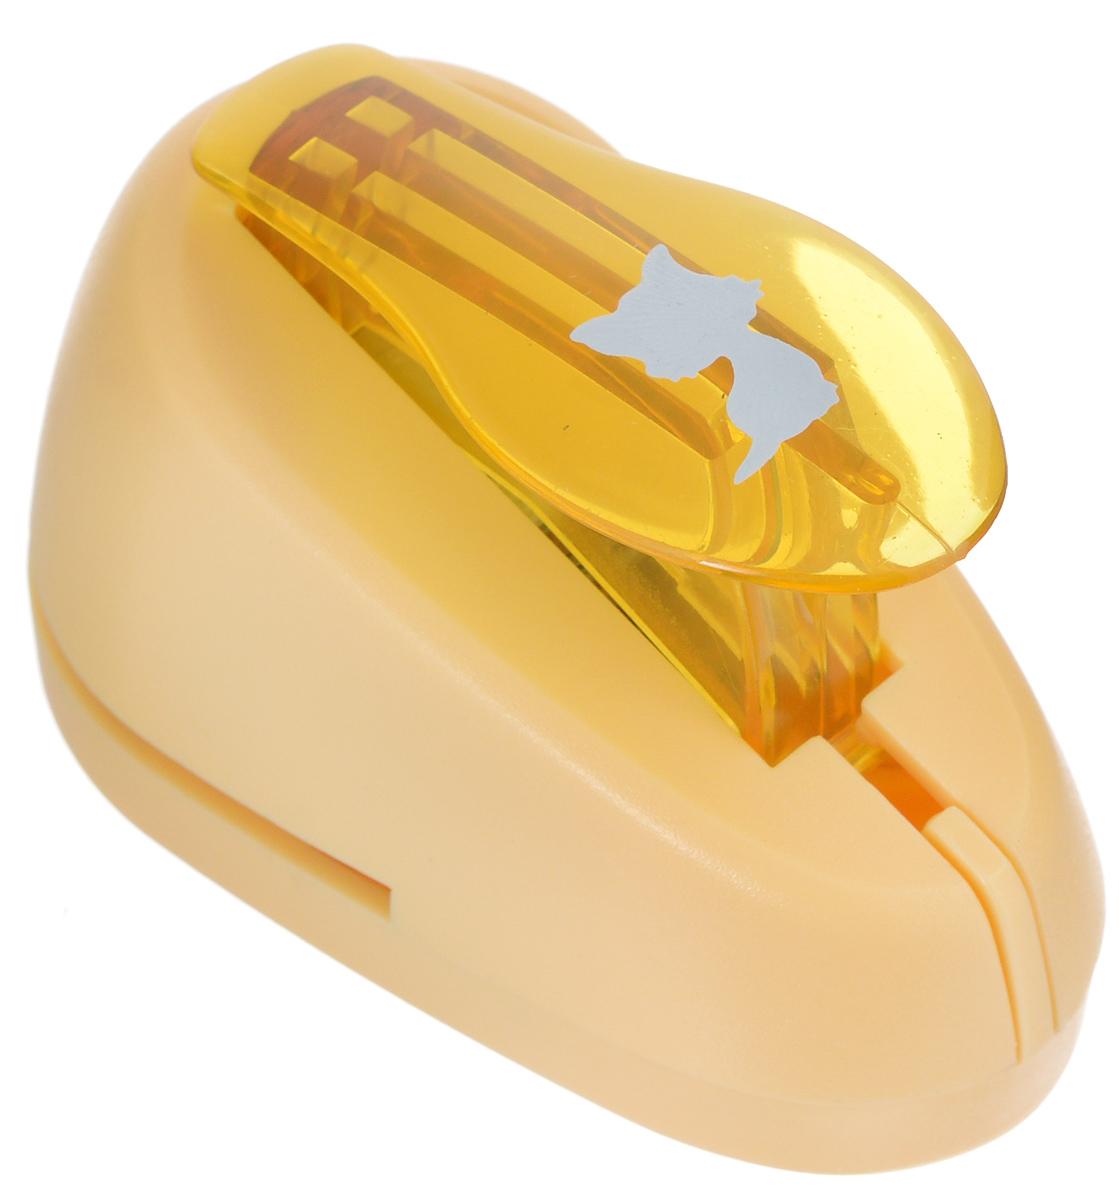 Дырокол фигурный Hobbyboom Котенок, №368, цвет: оранжевый, 1,8 смFS-00897Фигурный дырокол Hobbyboom Котенок, изготовленный из пластика и металла, используется в скрапбукинге для создания оригинальных открыток, а также оформления подарков, в бумажном творчестве. Рисунок прорези указан на ручке дырокола.Вырезанный элемент также можно использовать для украшения.Предназначен для бумаги определенной плотности - 80 - 200 г/м2. При применении на бумаге большей плотности или на картоне, дырокол быстро затупится.Размер дырокола: 6,8 см х 4 см х 4,5 см.Размер готовой фигурки: 1,5 см х 1,3 см.